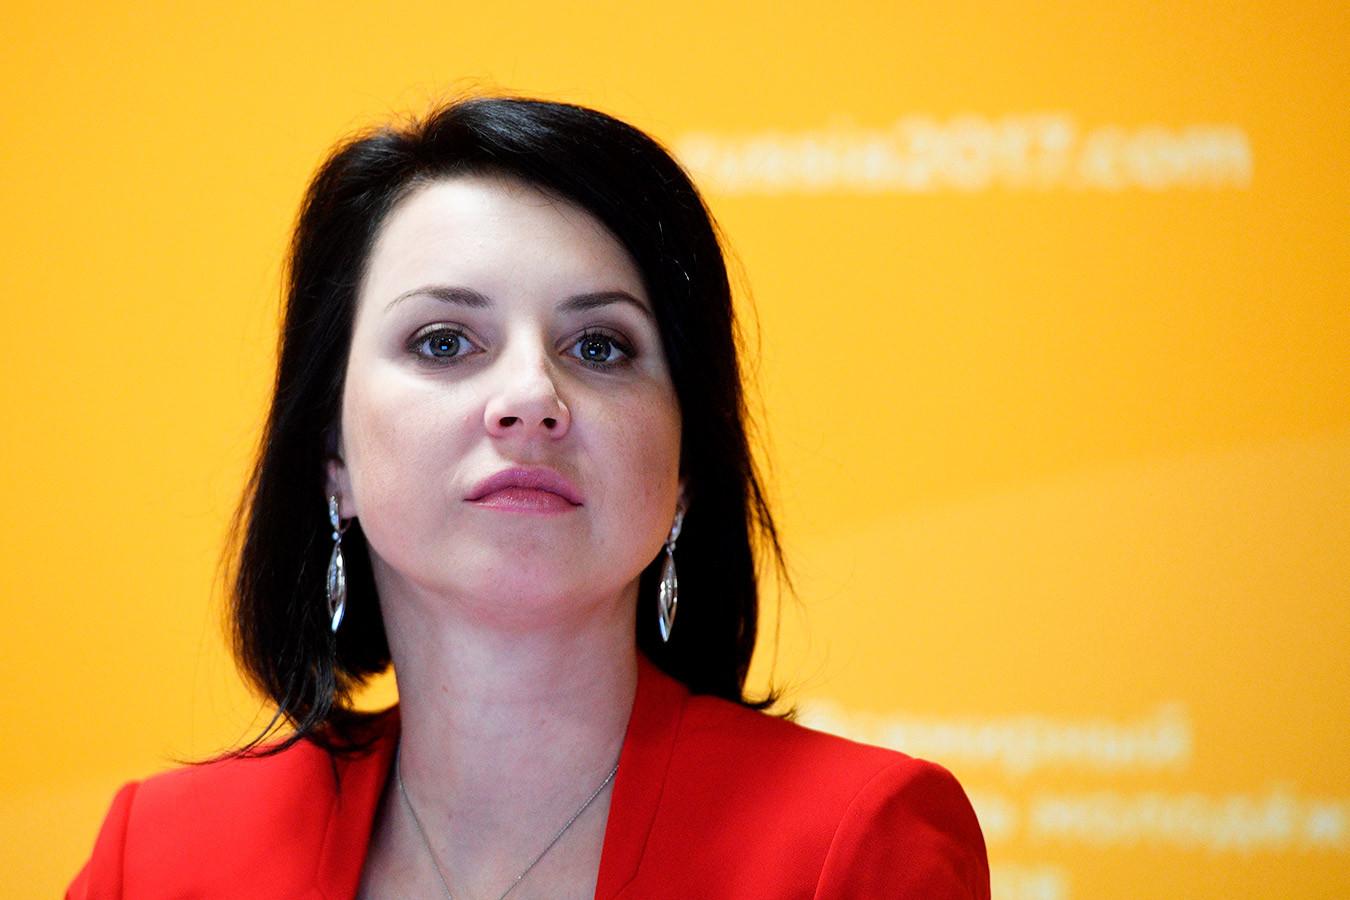 Слуцкая резко отреагировала на обвинения американца в адрес российских фигуристок